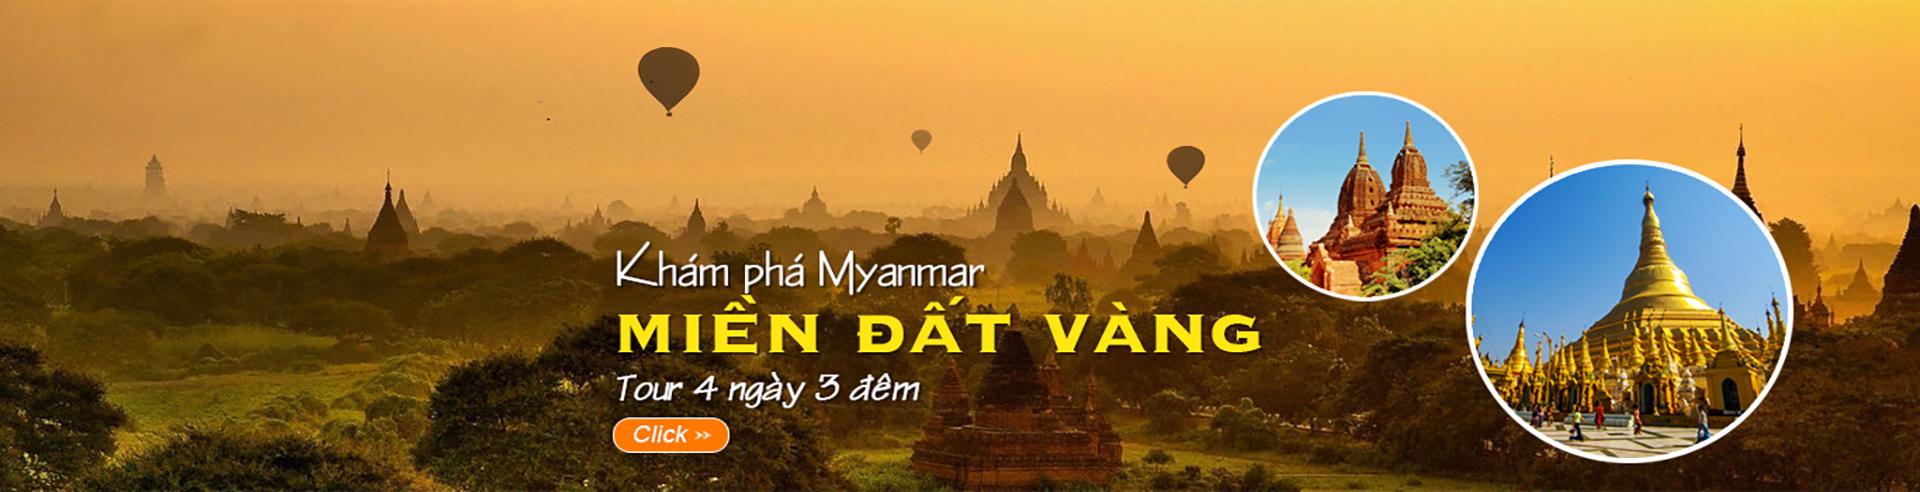 Myanmar: Khám phá miền đất vàng